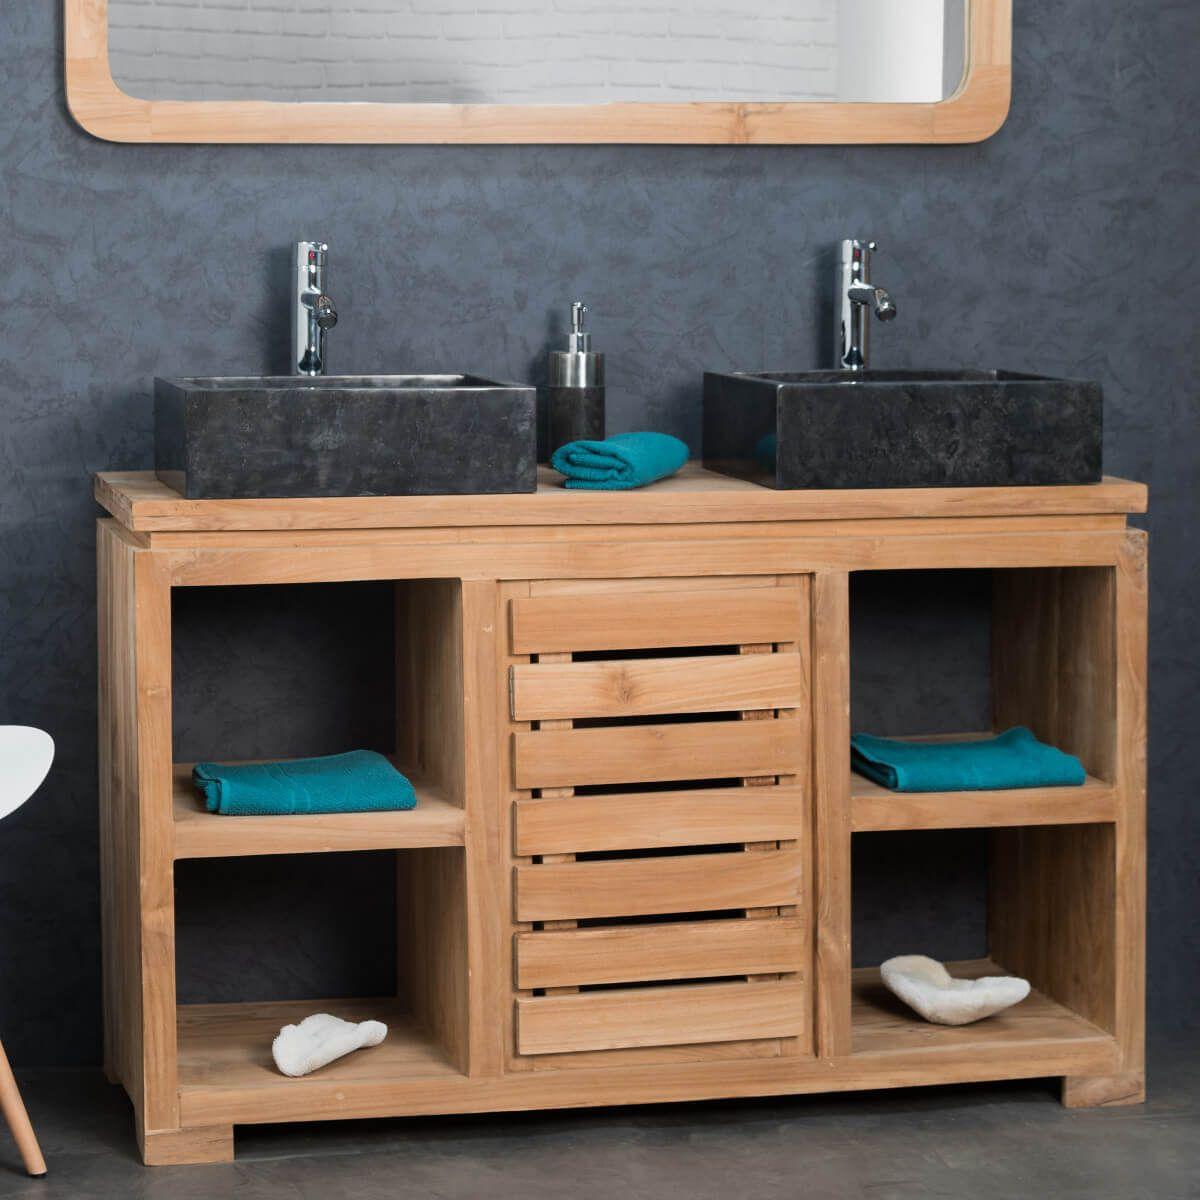 pour crer une salle de bain latmosphre zen et sereine laissez vous tenter par ce meuble en bois massif teck il donne votre espace bain une dimension